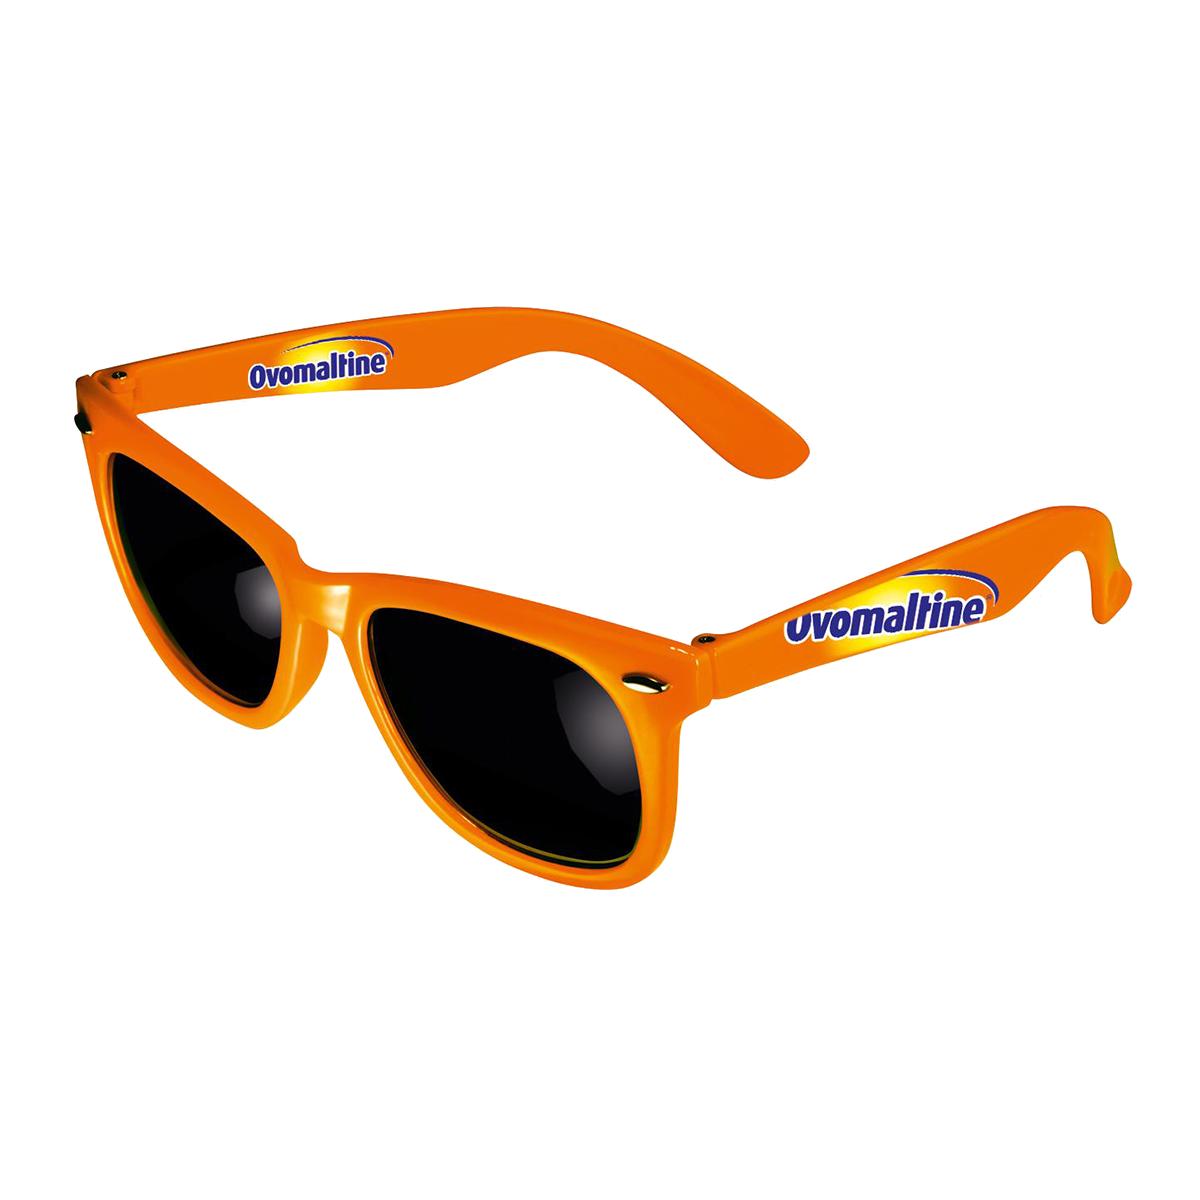 Ovomaltine Sonnenbrille 1 Stk.